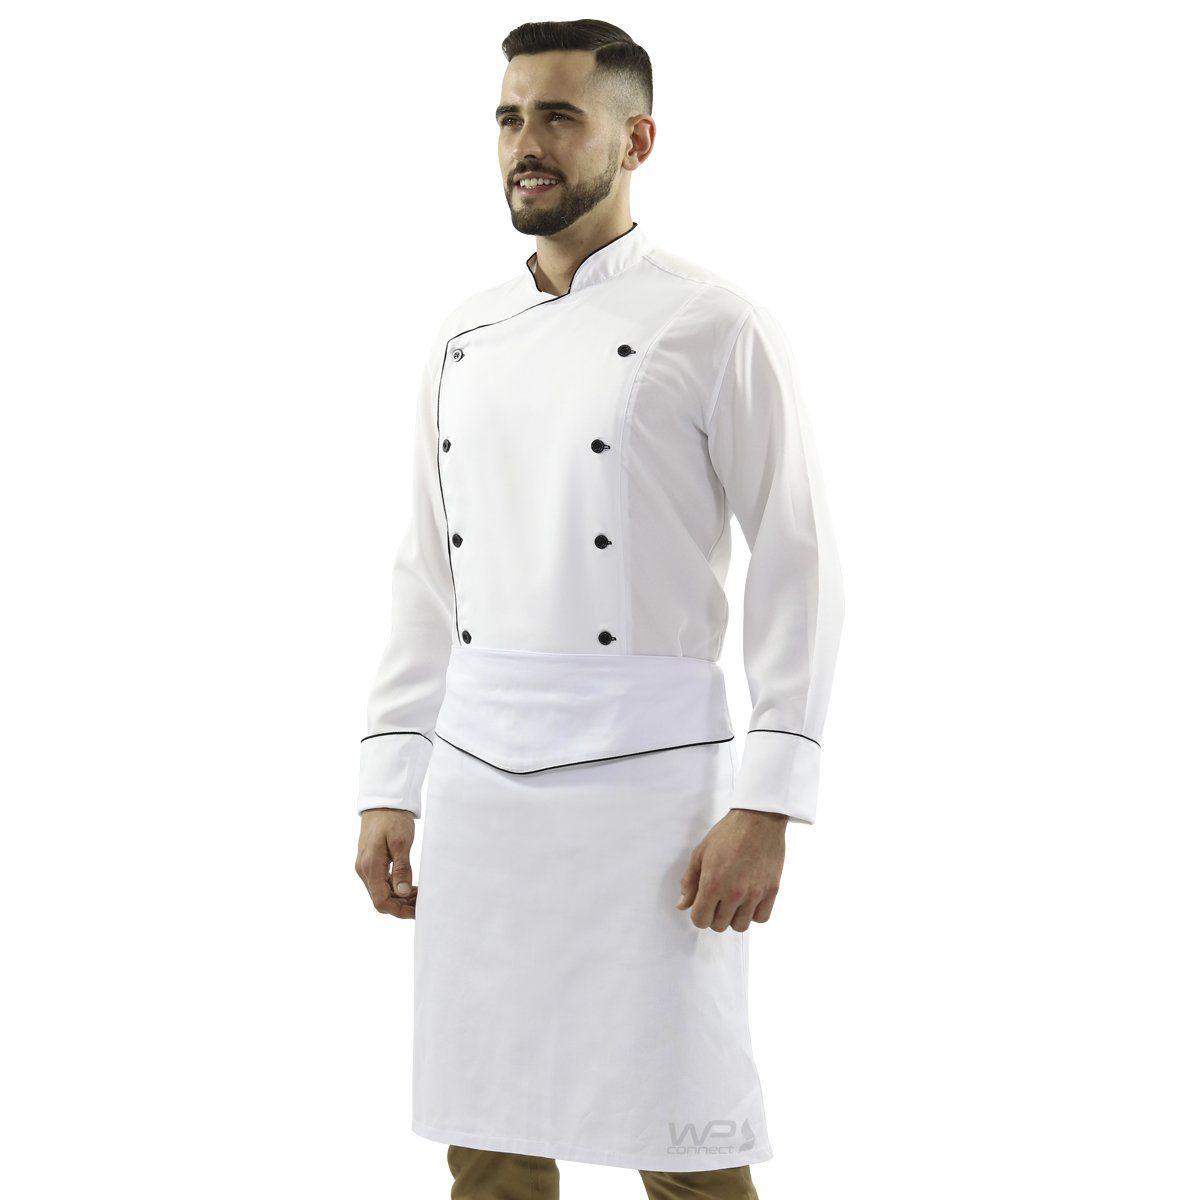 Uniforme de Chef Dólmã Oxford Unissex Avental de Cintura - Branco